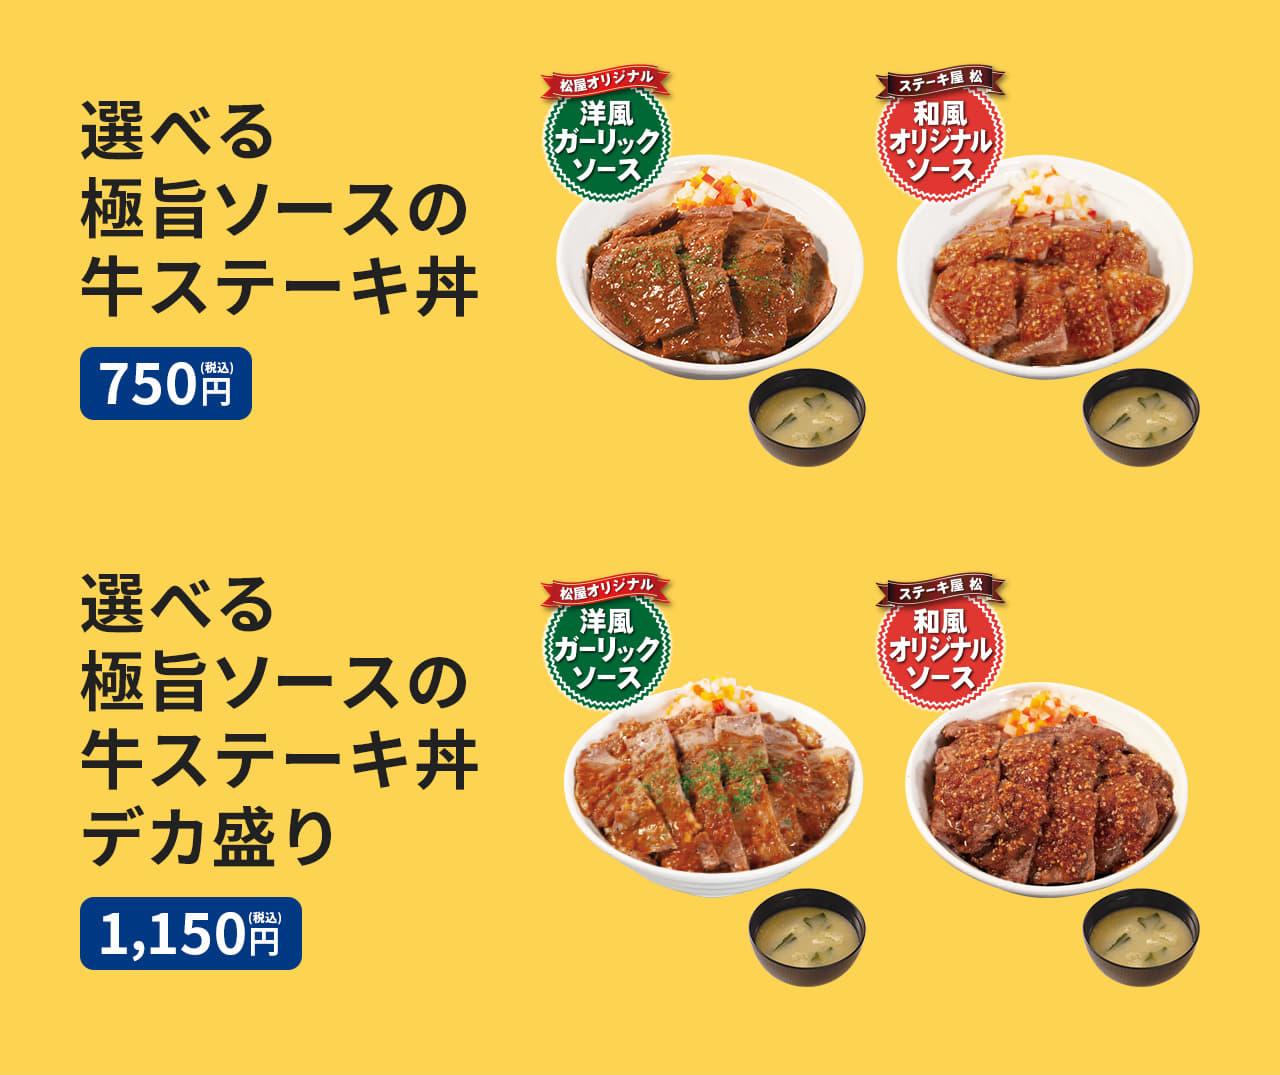 選べる極旨ソースの牛ステーキ丼(みそ汁付)750円。選べる極旨ソースの牛ステーキ丼デカ盛り(みそ汁付)1,150円。生野菜セット(牛ステーキ丼メニューご注文に限る)プラス100円。